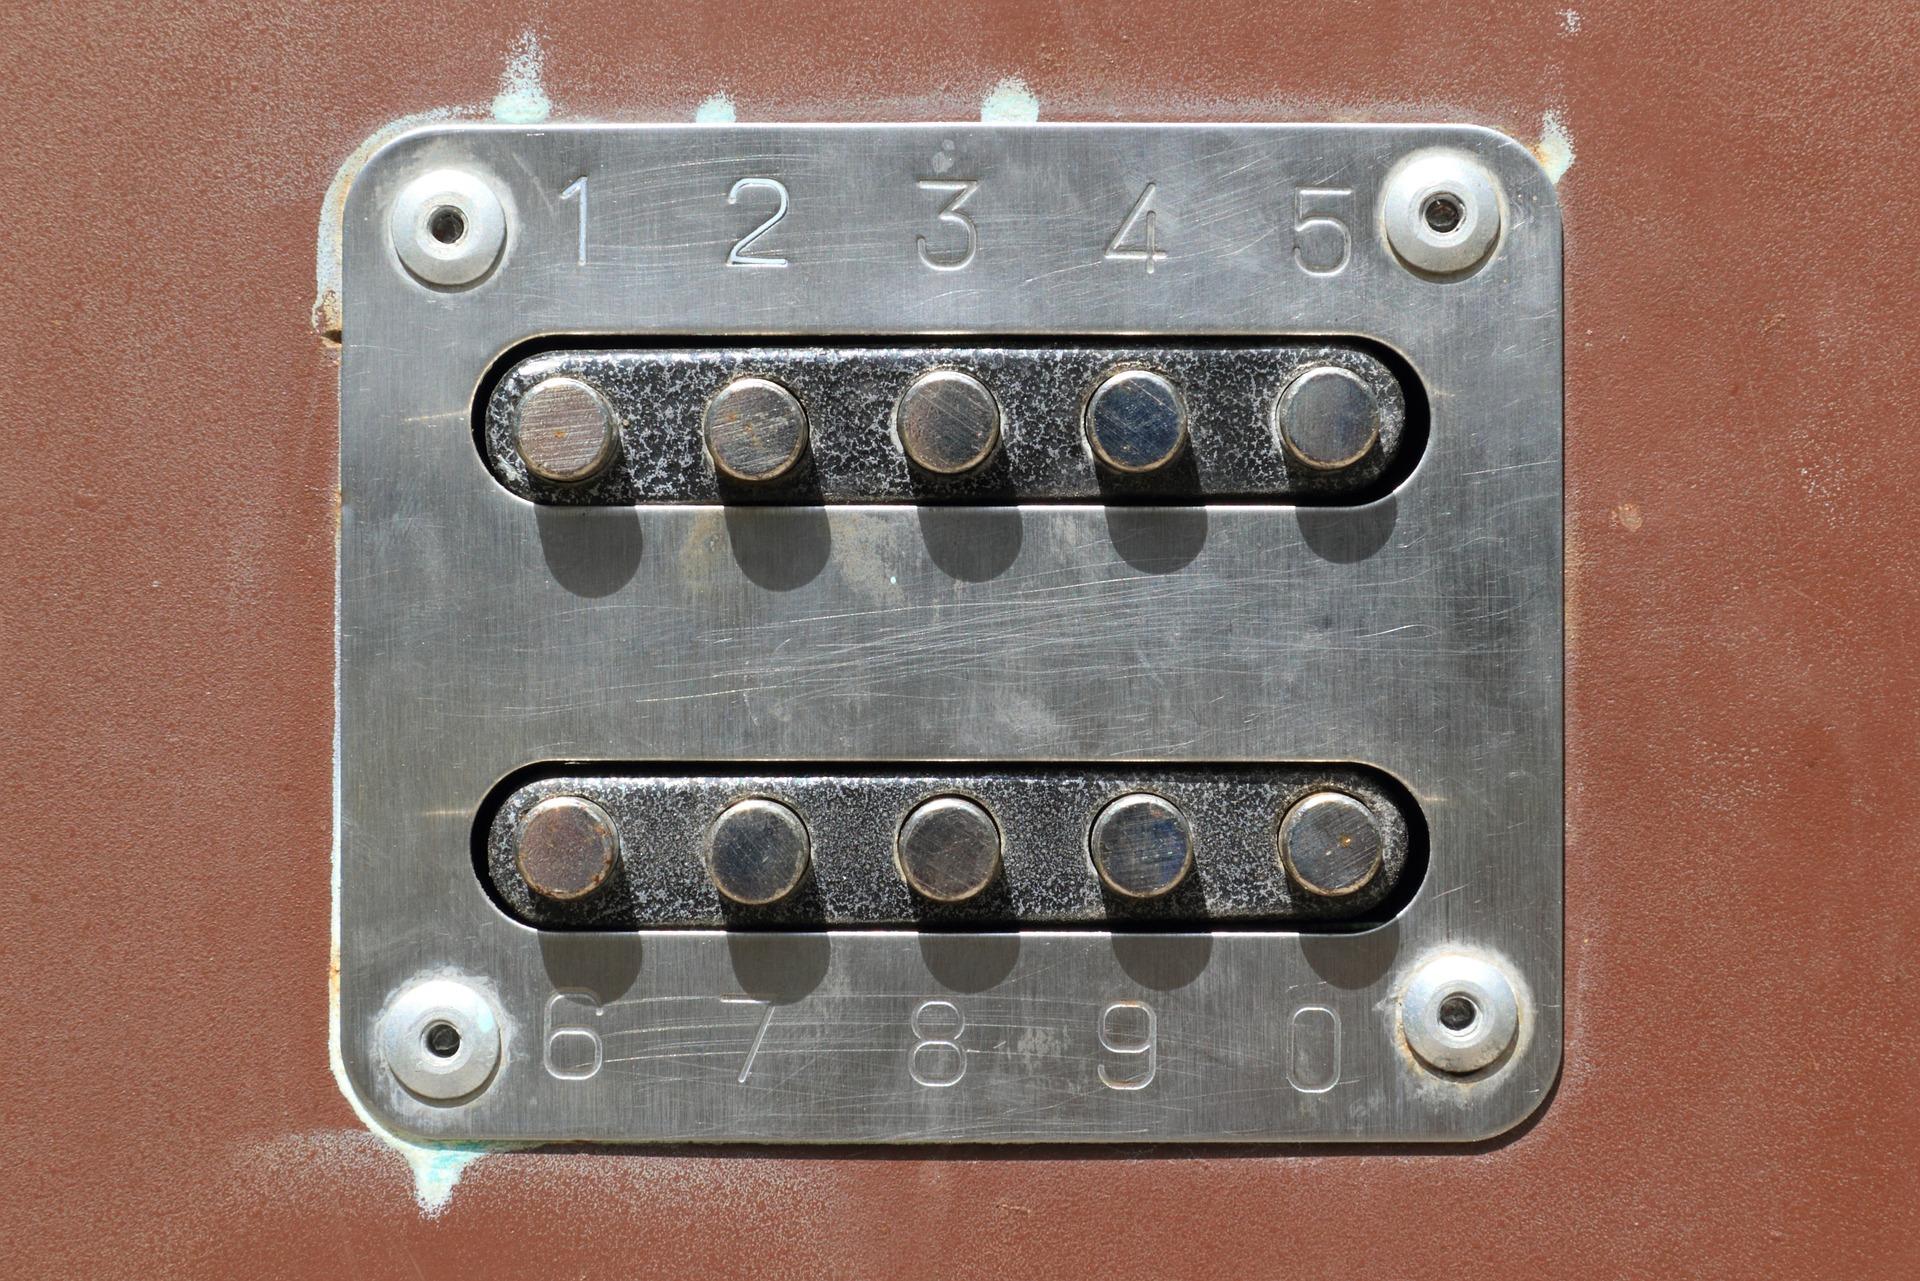 ログインの扉